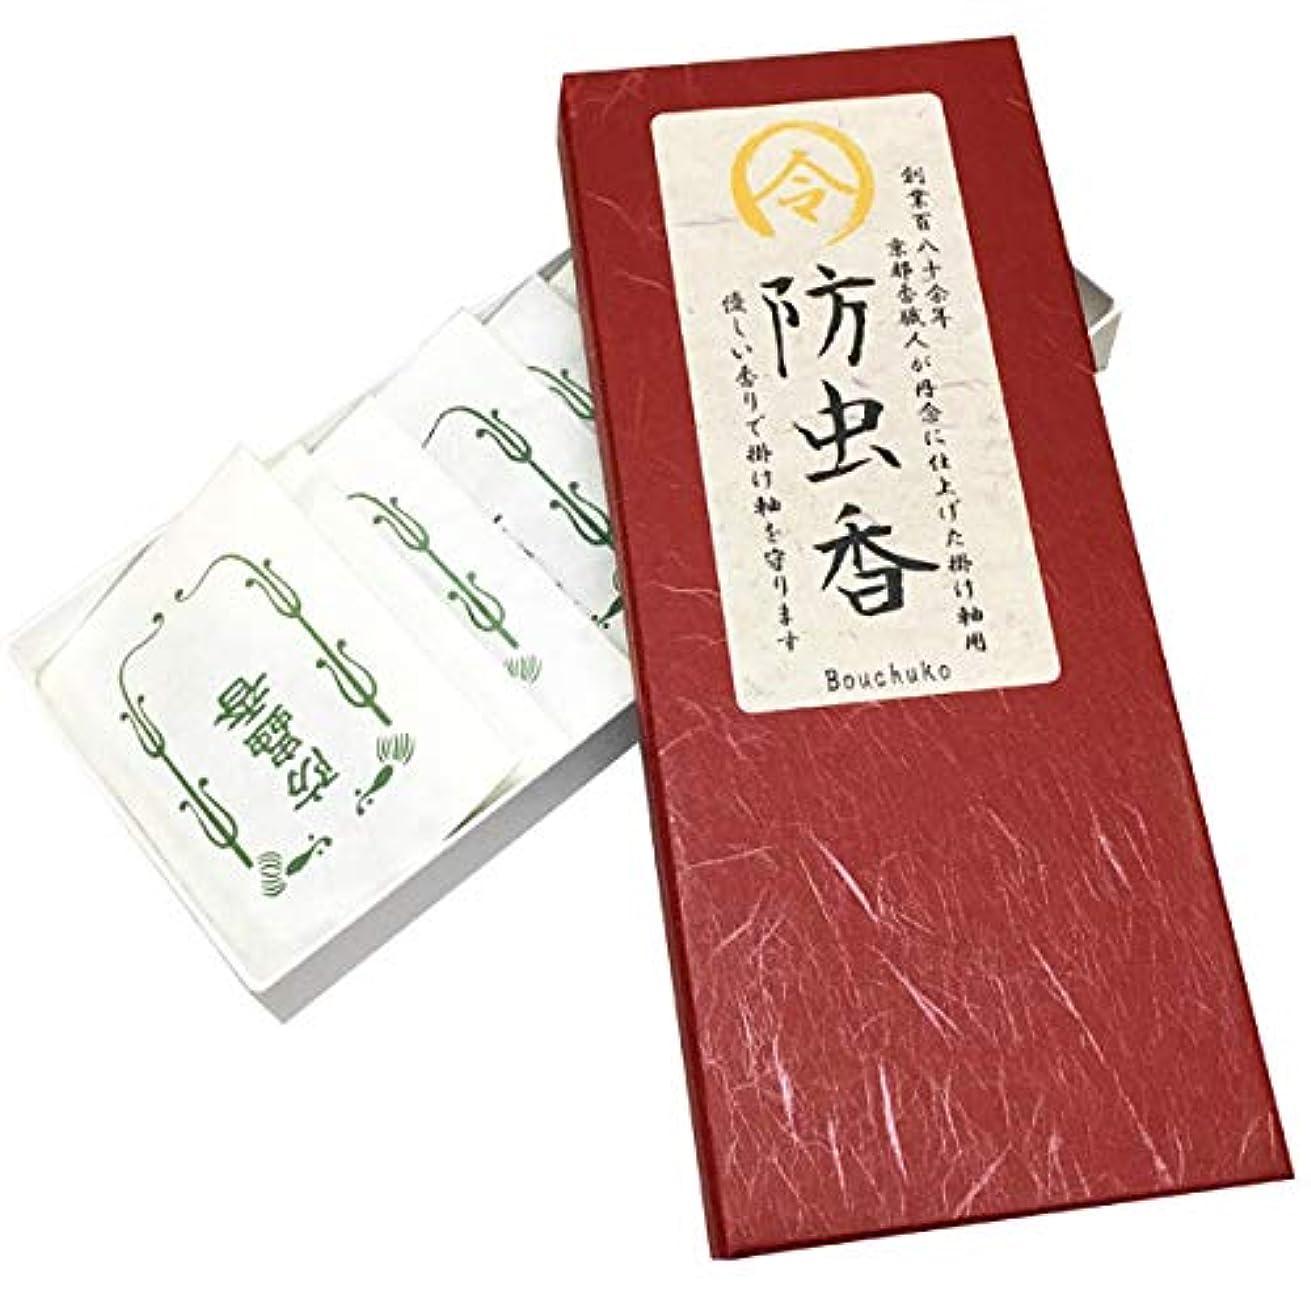 死ぬ支給敵意掛け軸用 表具用 高級香 令和印の掛軸防虫香(白檀香) 1箱10袋入り